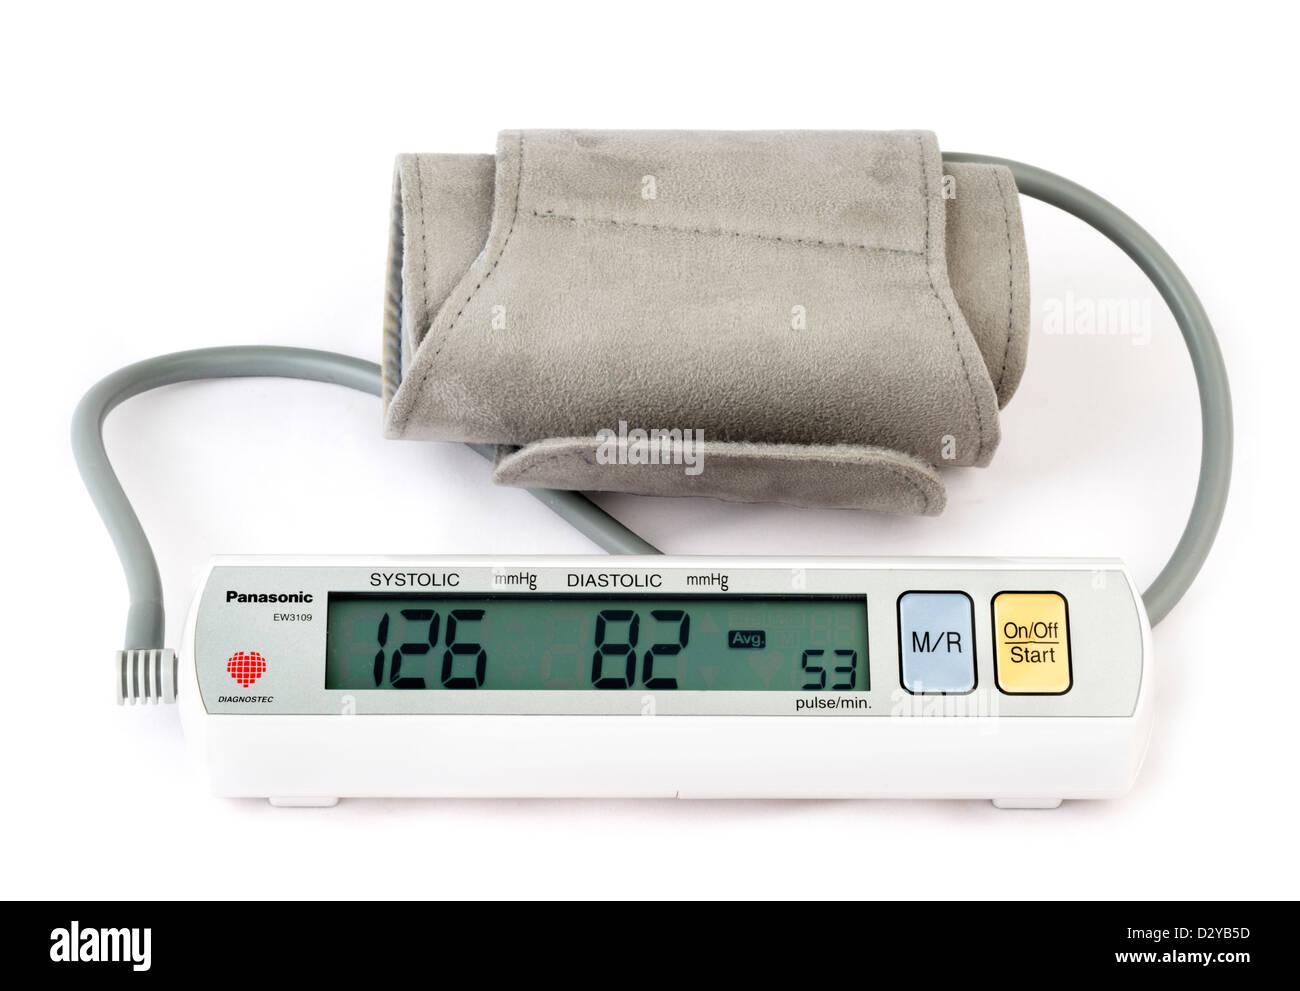 Batería Panasonic operado monitor de presión arterial en el hogar Imagen De Stock